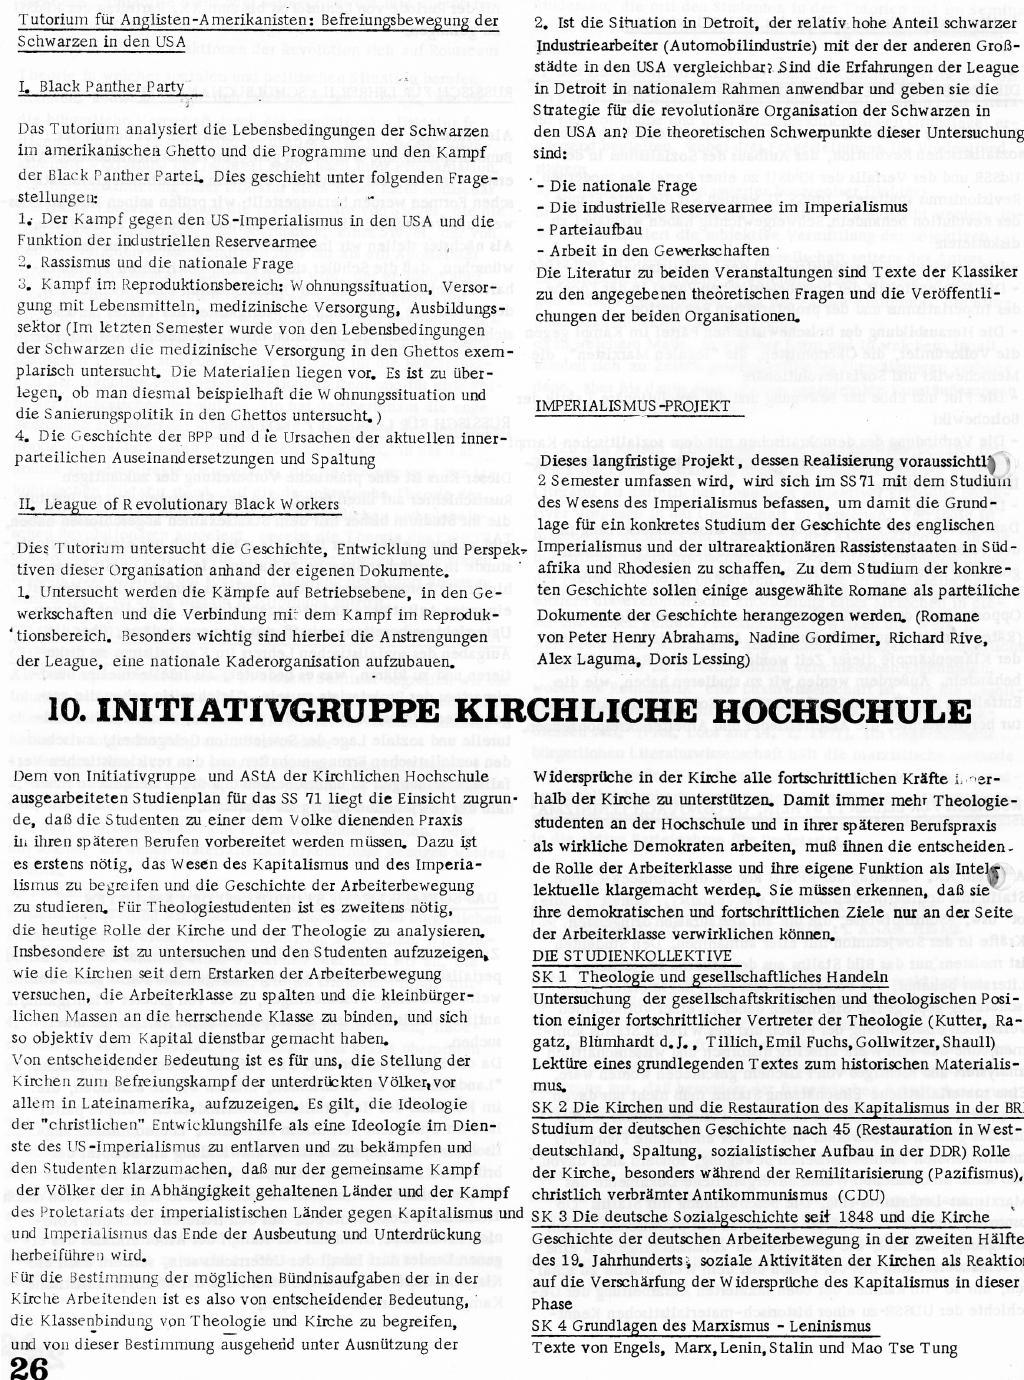 RPK_1971_113_114_26